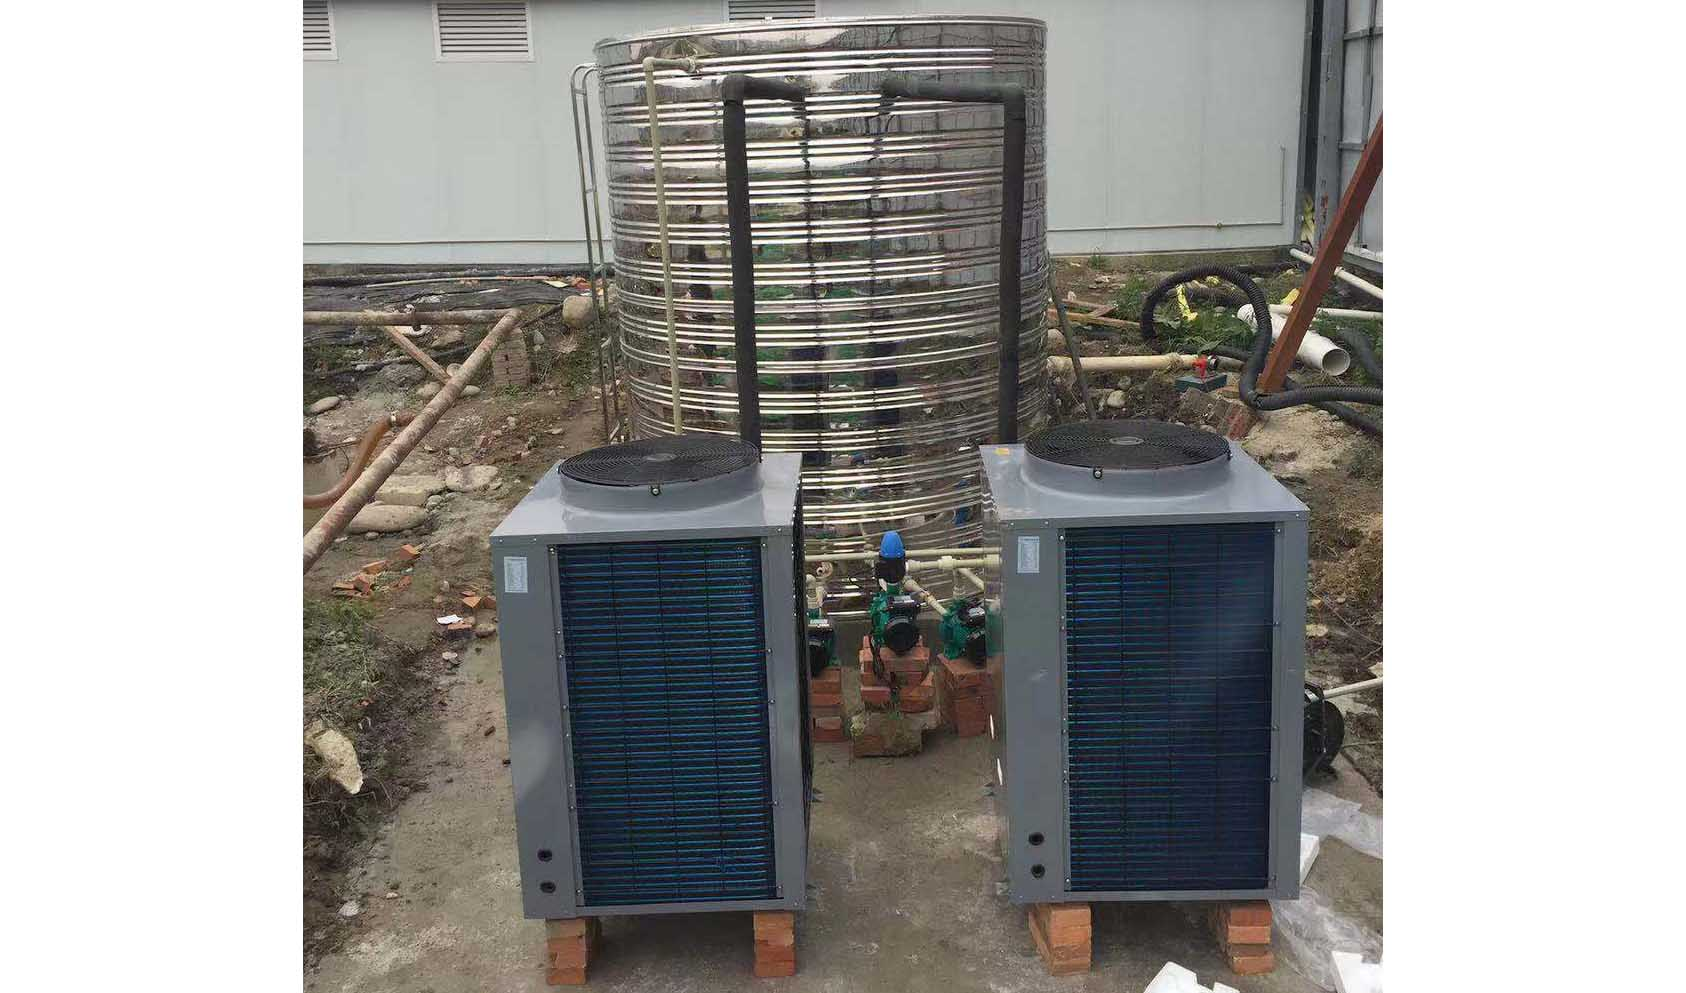 关于空气能热水器的工作原理解析